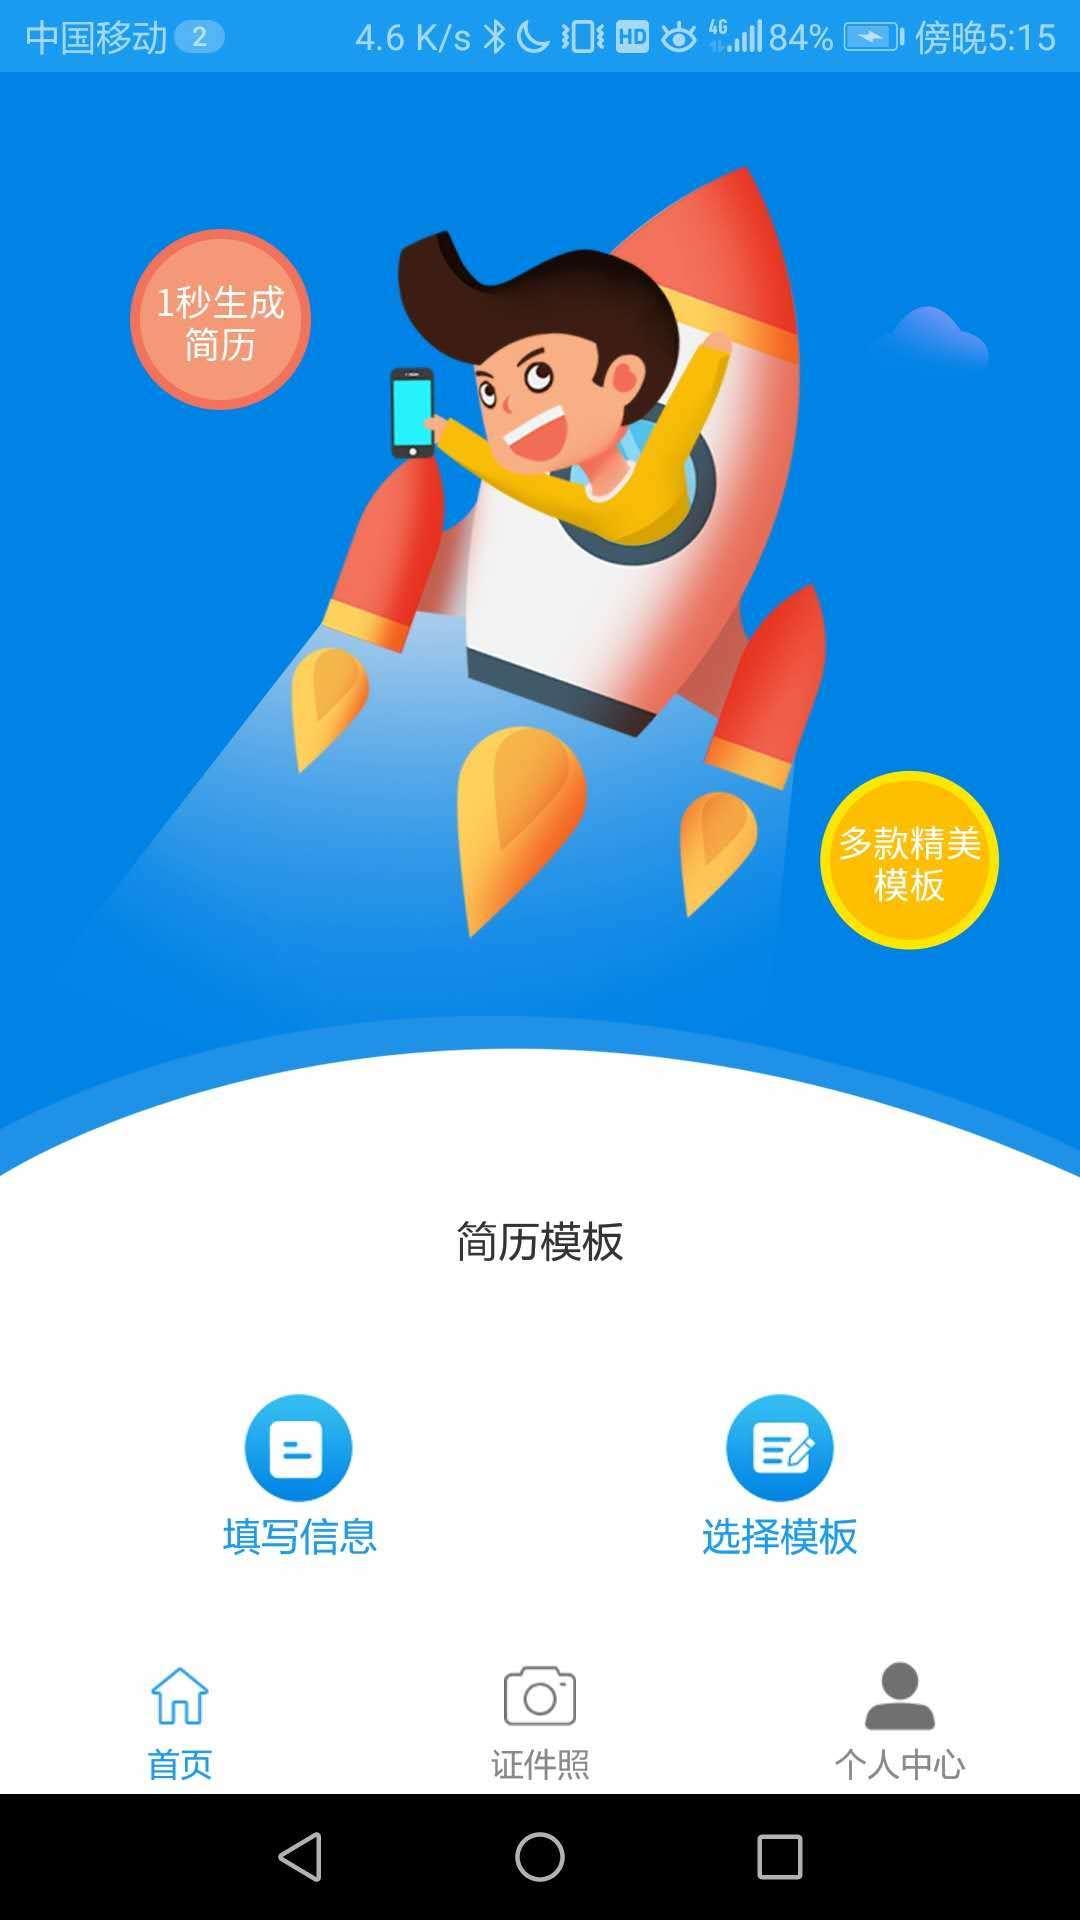 簡歷大師app圖1